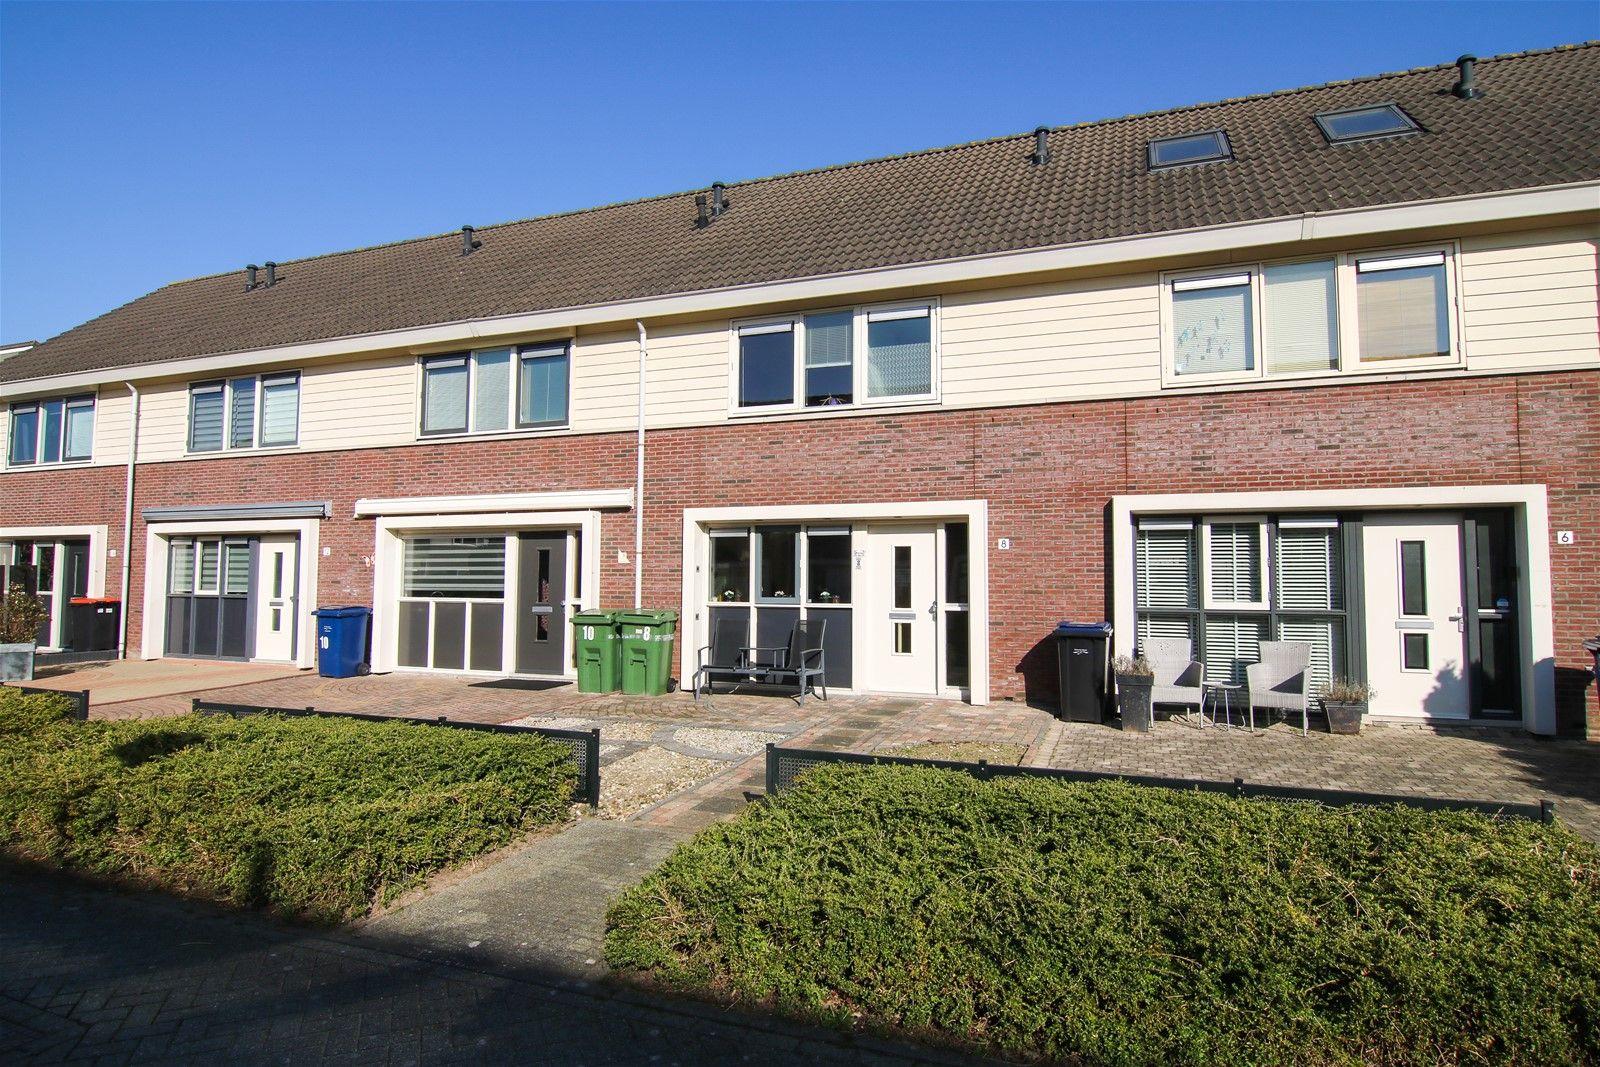 Ed Hoornikstraat 8, Almere